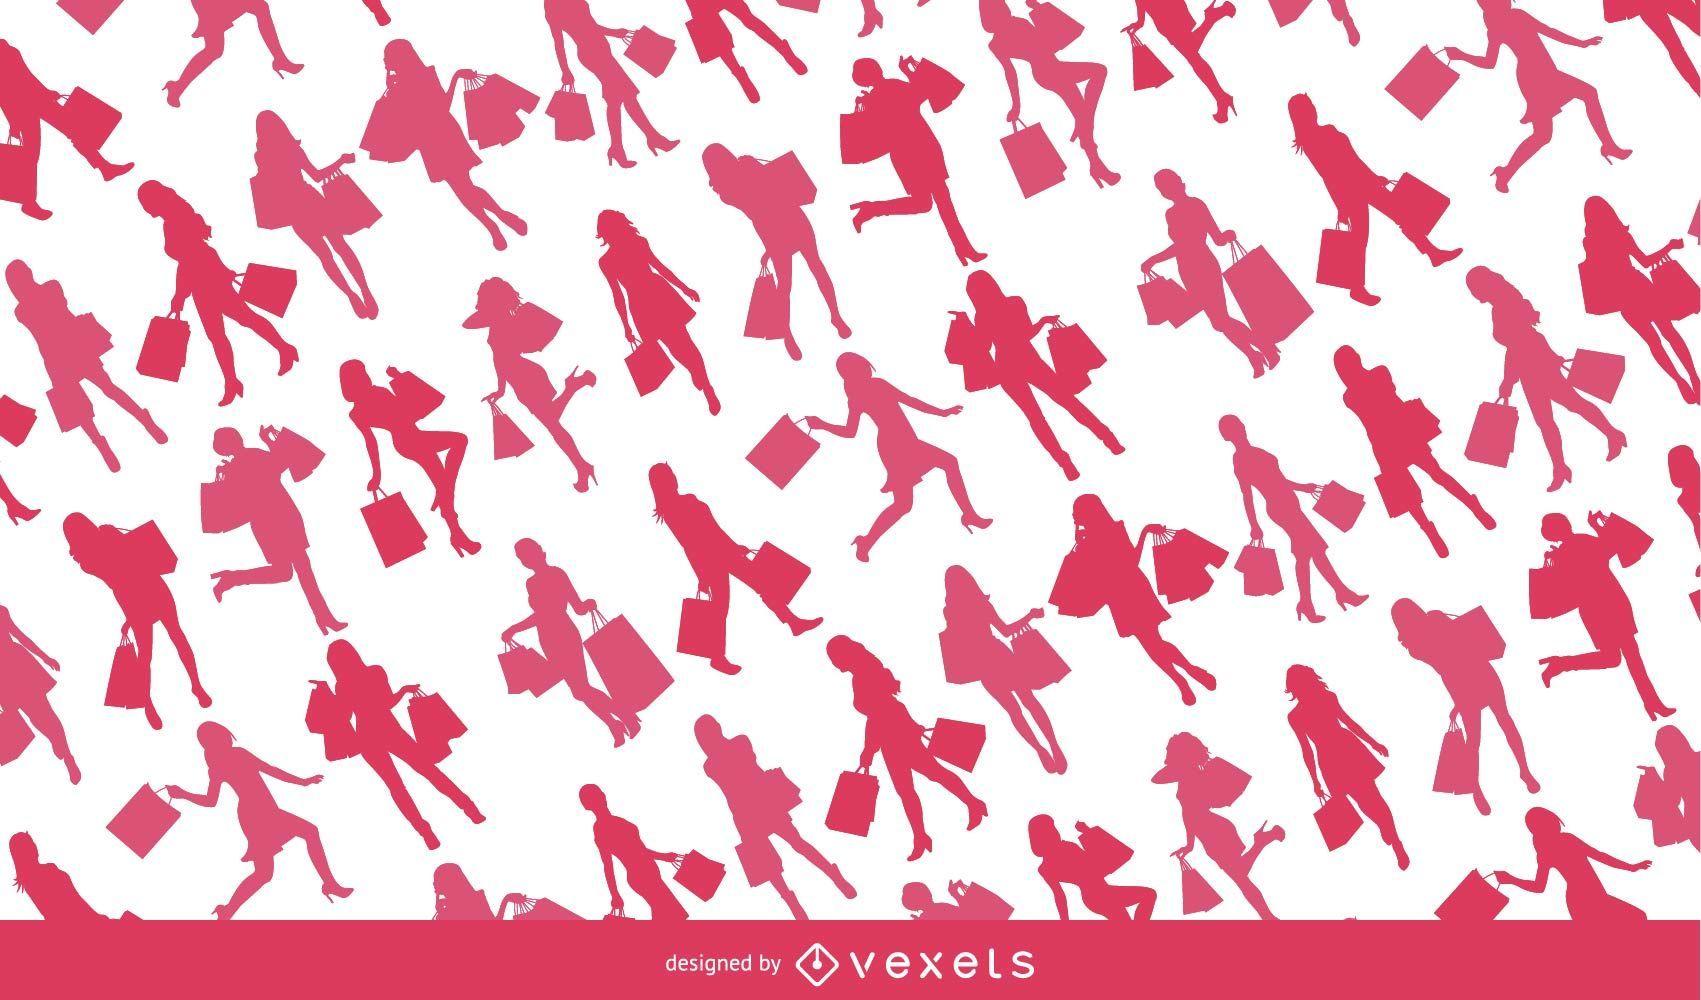 Woman shopping silhouette pattern